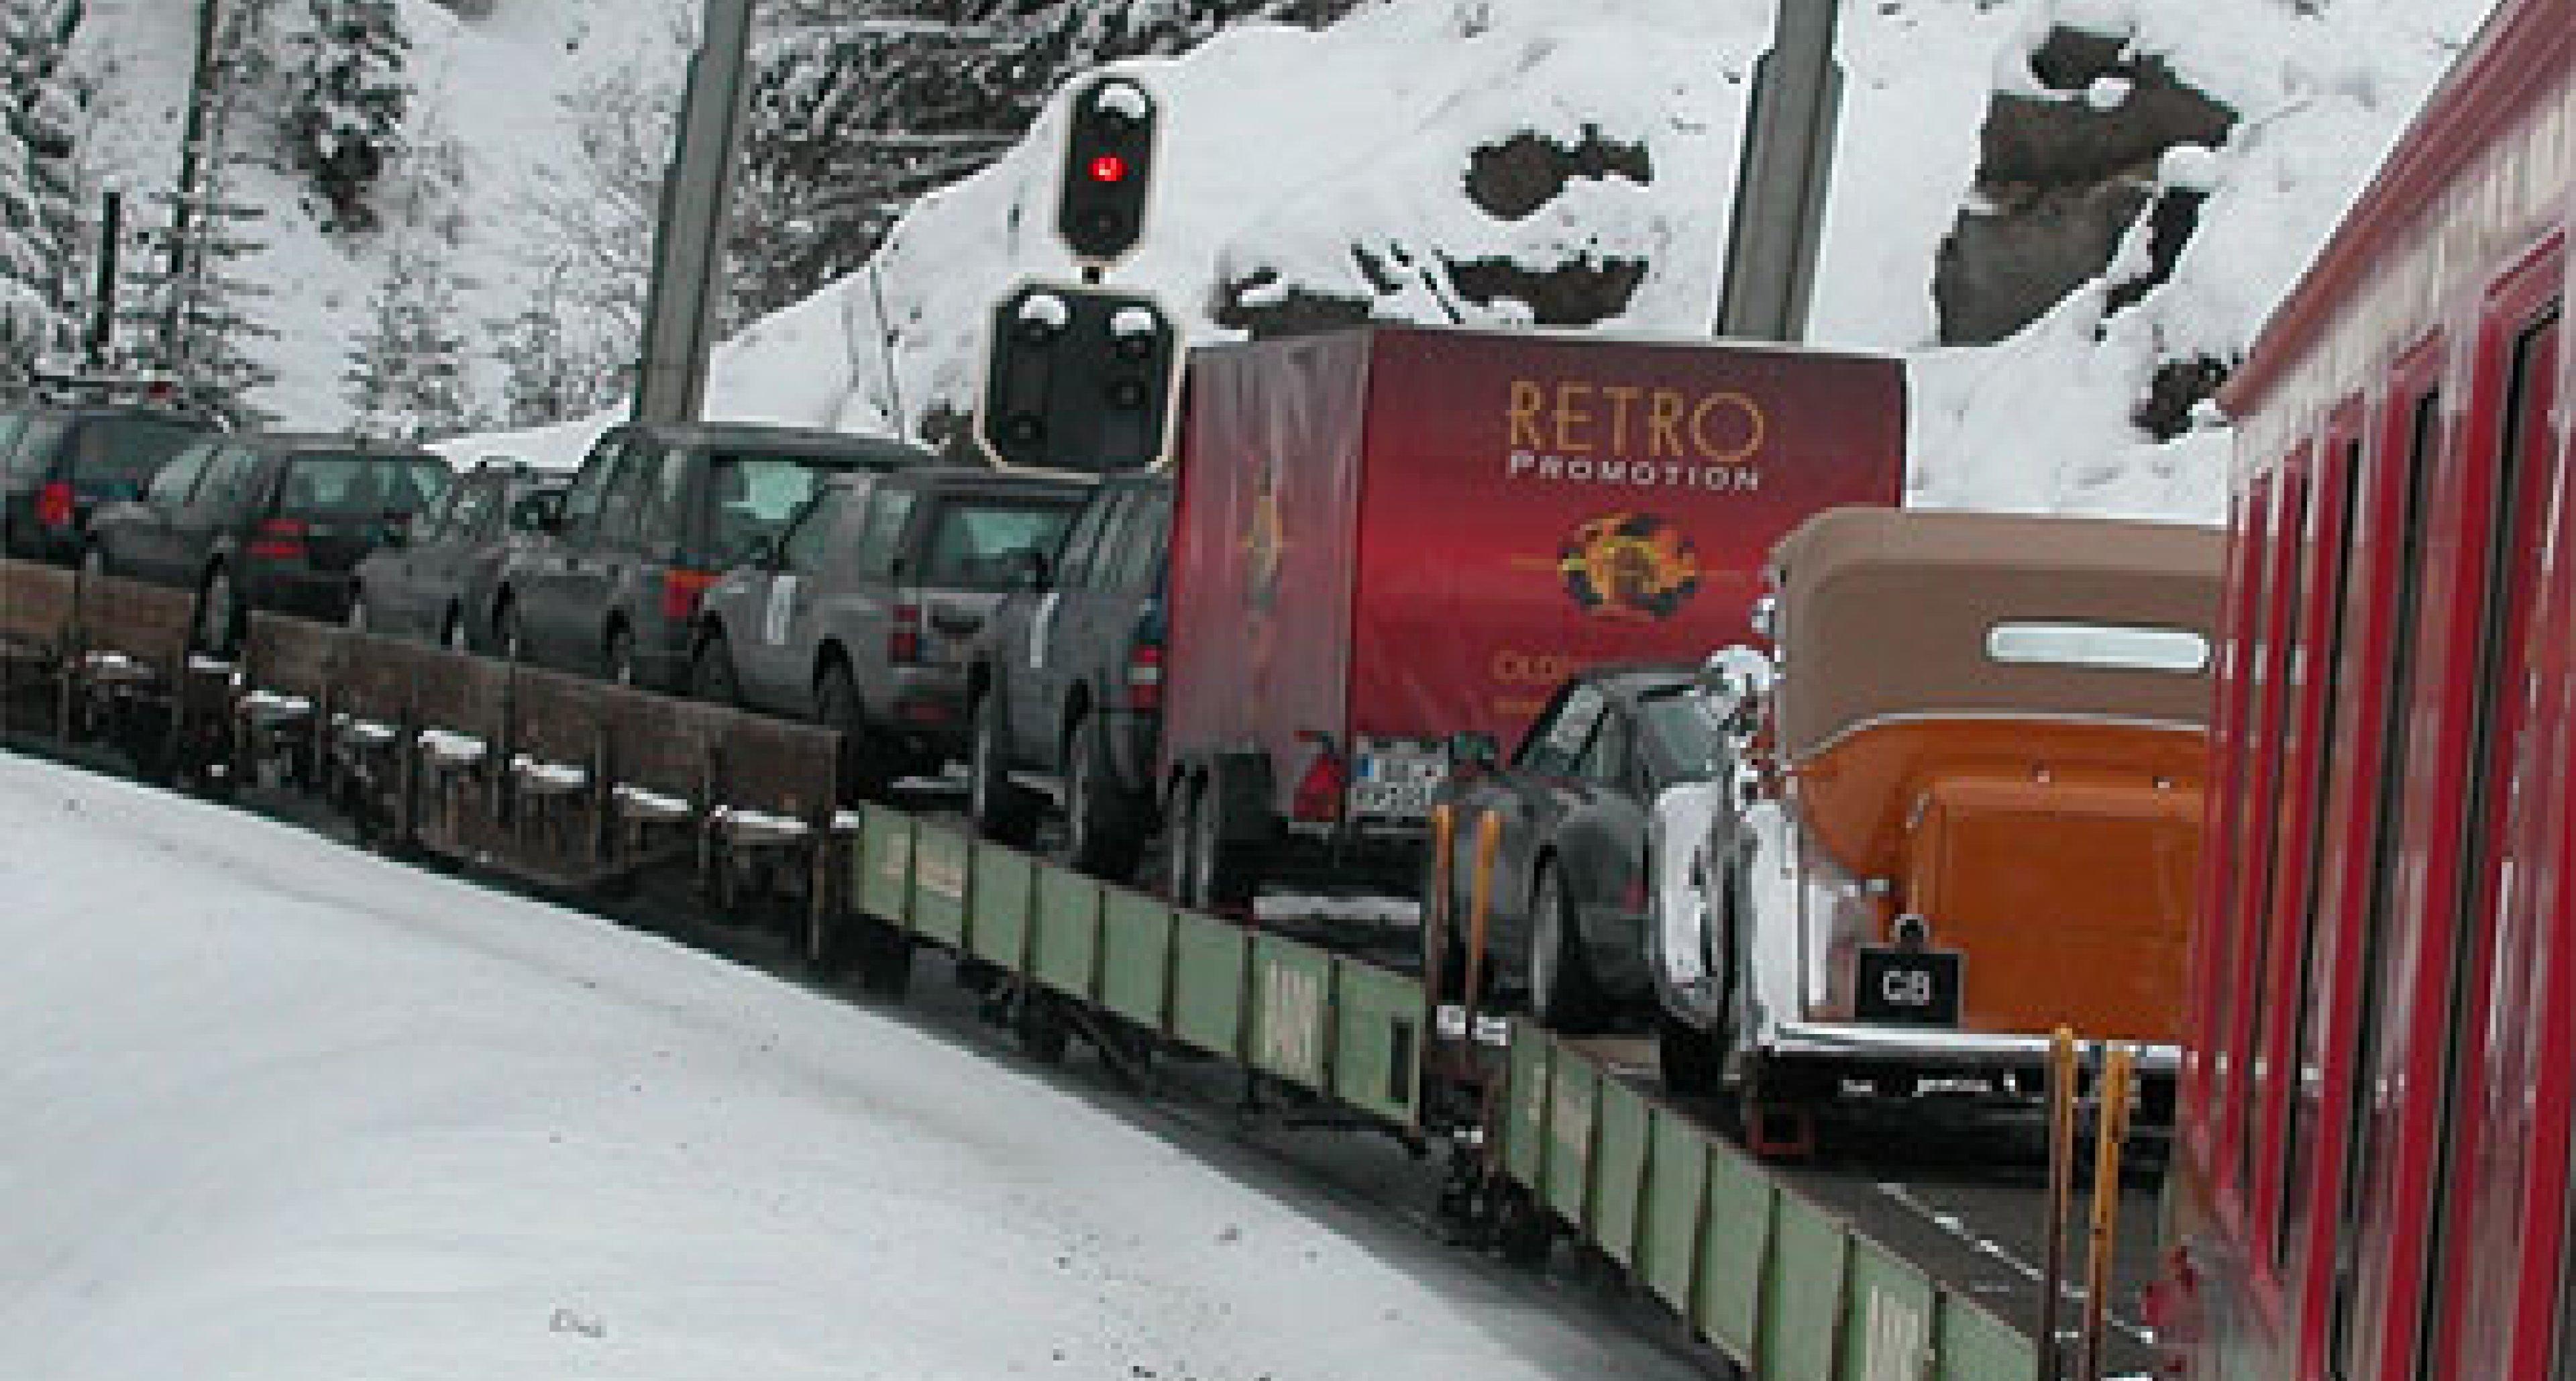 Spektakel der Superlative in St. Moritz